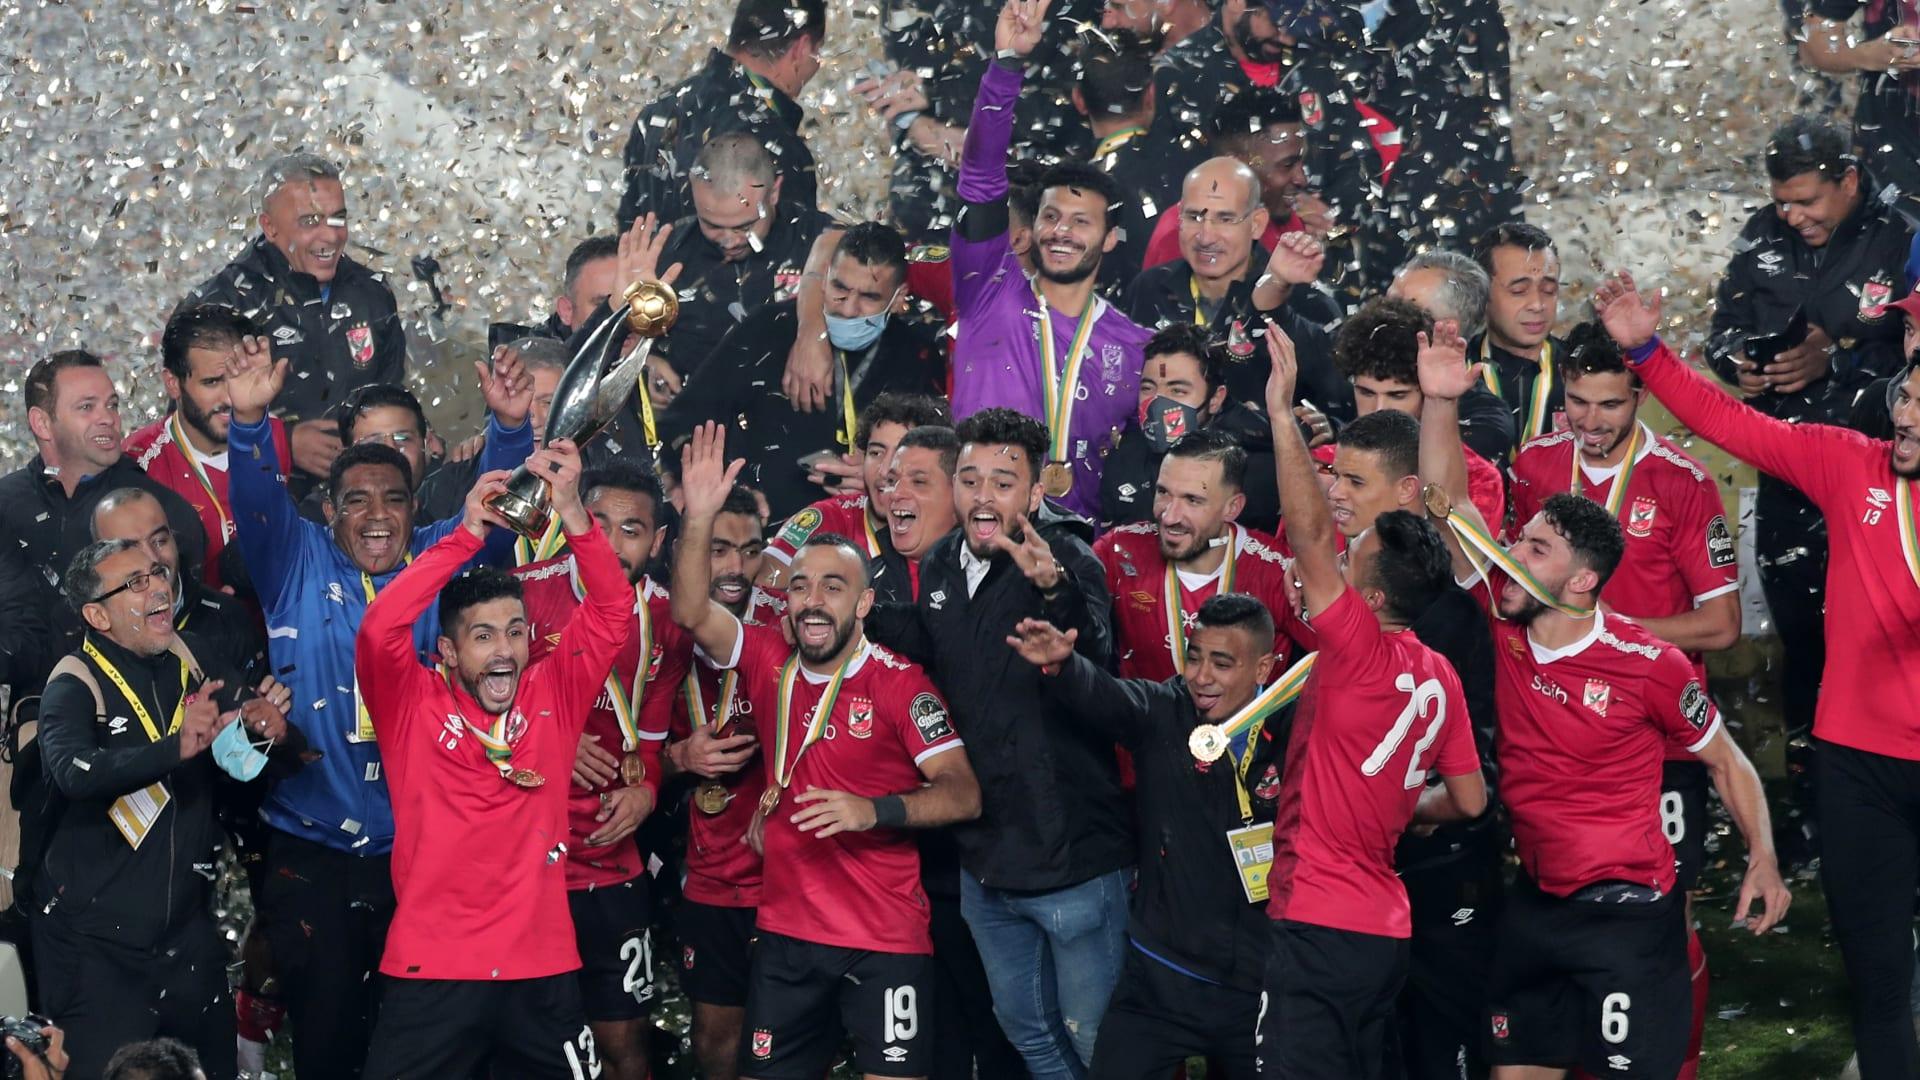 الأهلي يحصد كأس مصر بعد فوزه على الجيش بركلات الجزاء الترجيحية